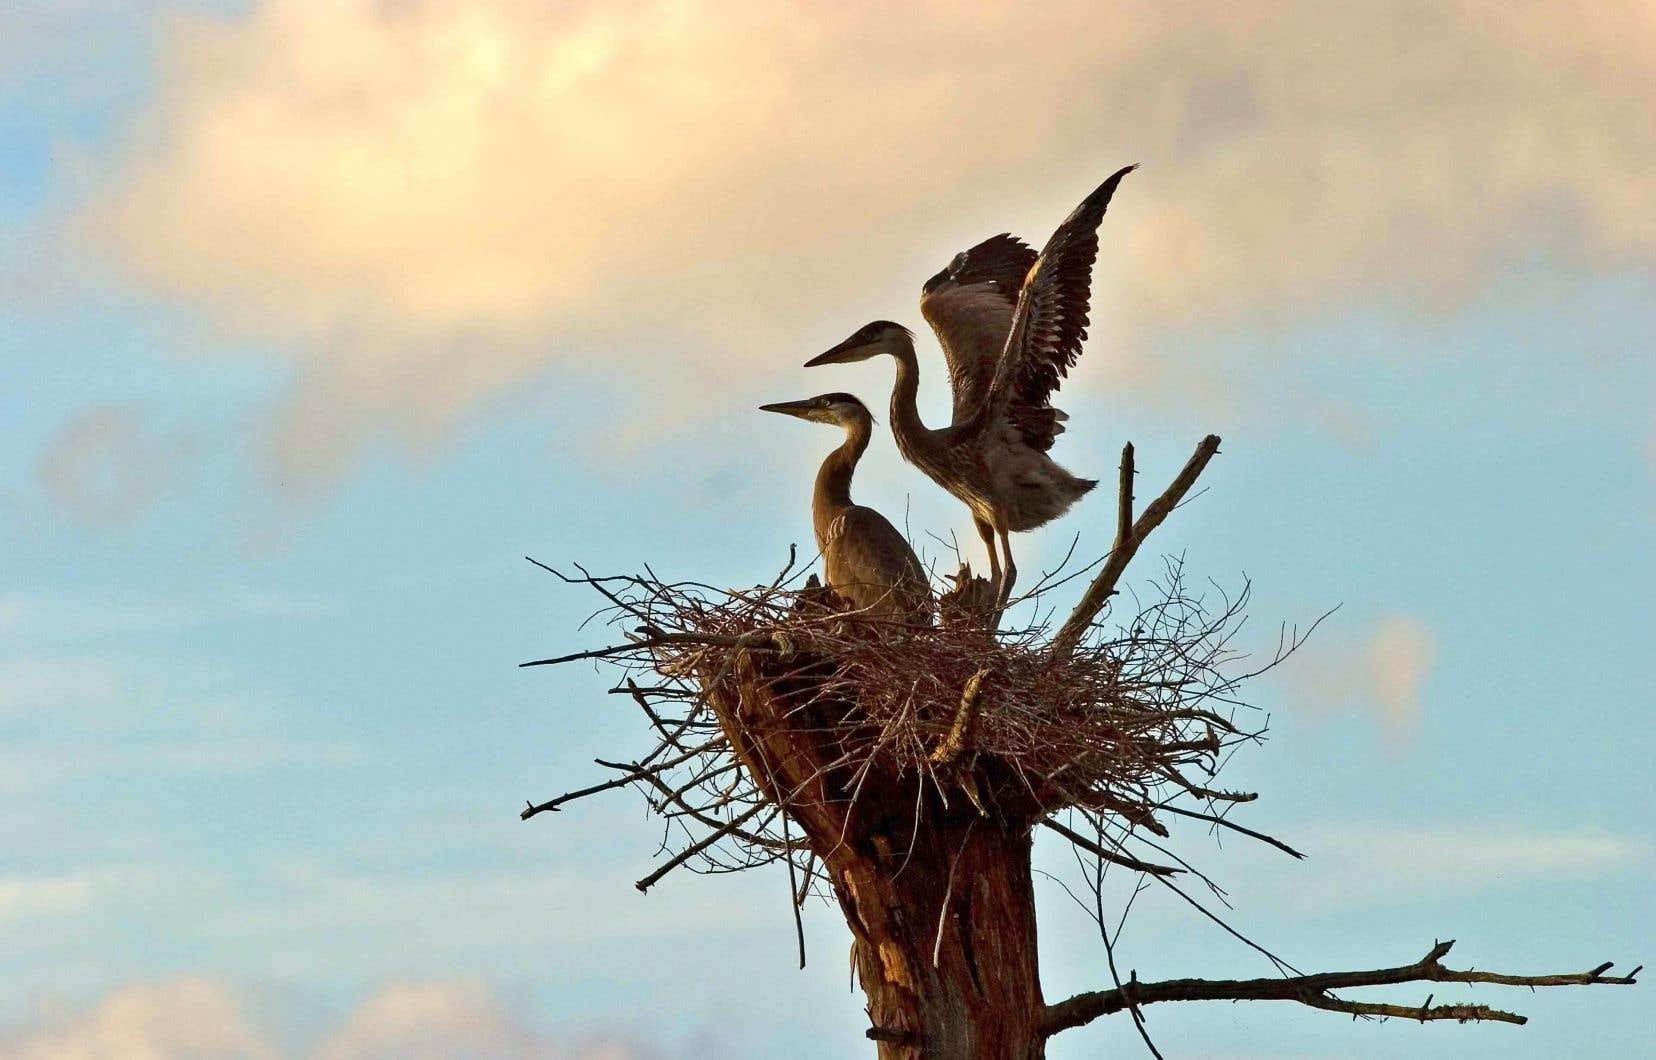 J'ai toujours cru que les oiseaux étaient une espèce fidèle. Jusqu'à ce que j'apprenne que les oiseaux chanteurs sont des coureurs de jupons et que les grands hérons ont des taux de divorce de 100%.